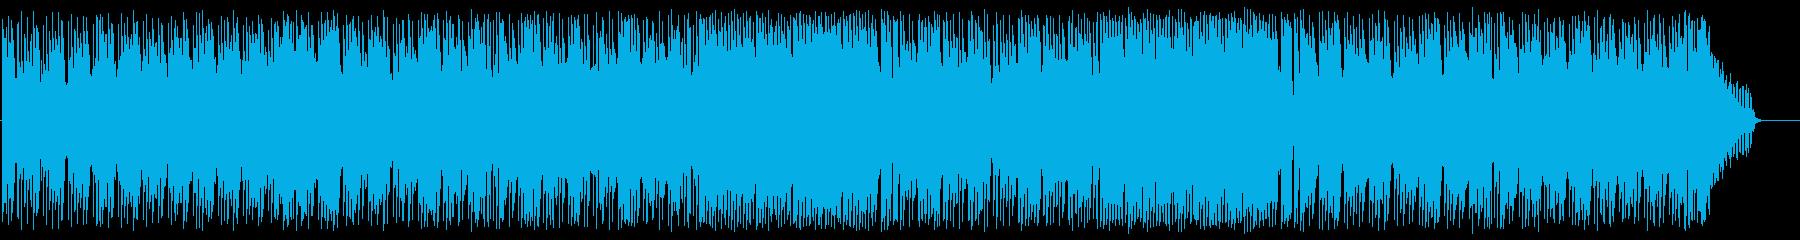 都会的、きらめき感のある楽しいシンセの曲の再生済みの波形